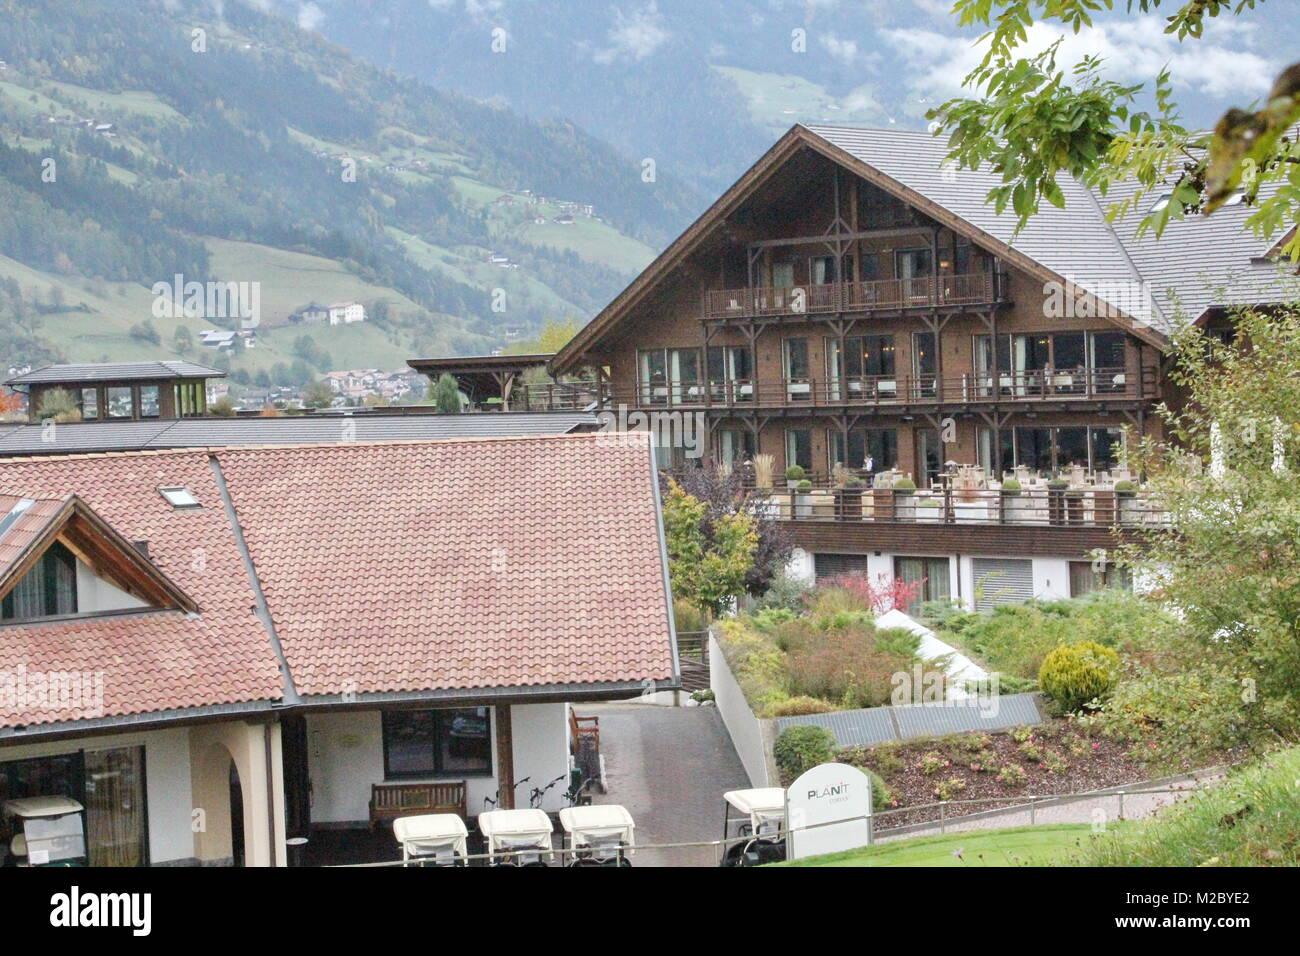 Funf Sterne Hotel